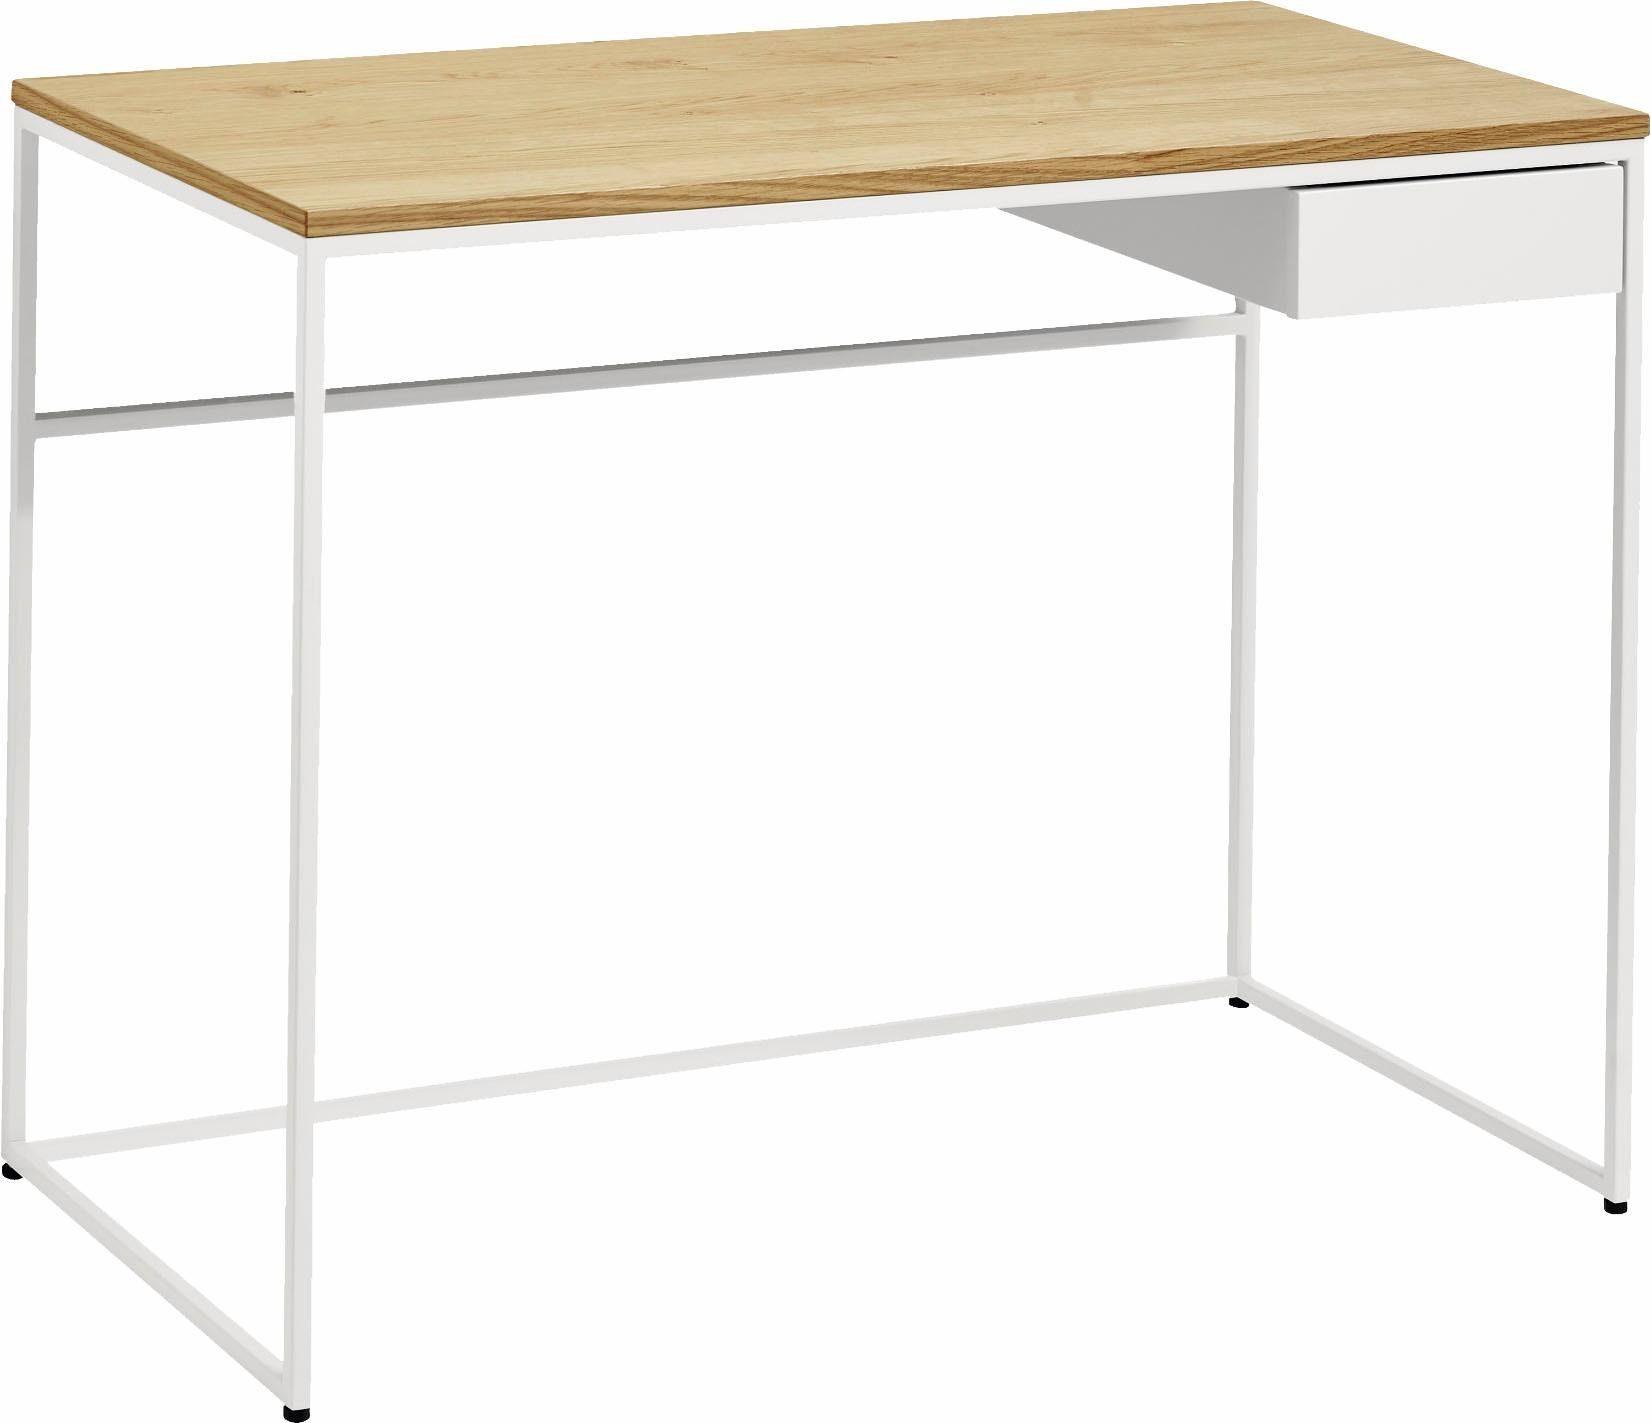 now! by hülsta Schreibtisch »CT 17« mit Schublade, zeitloses Design in hochwertiger Verarbeitung